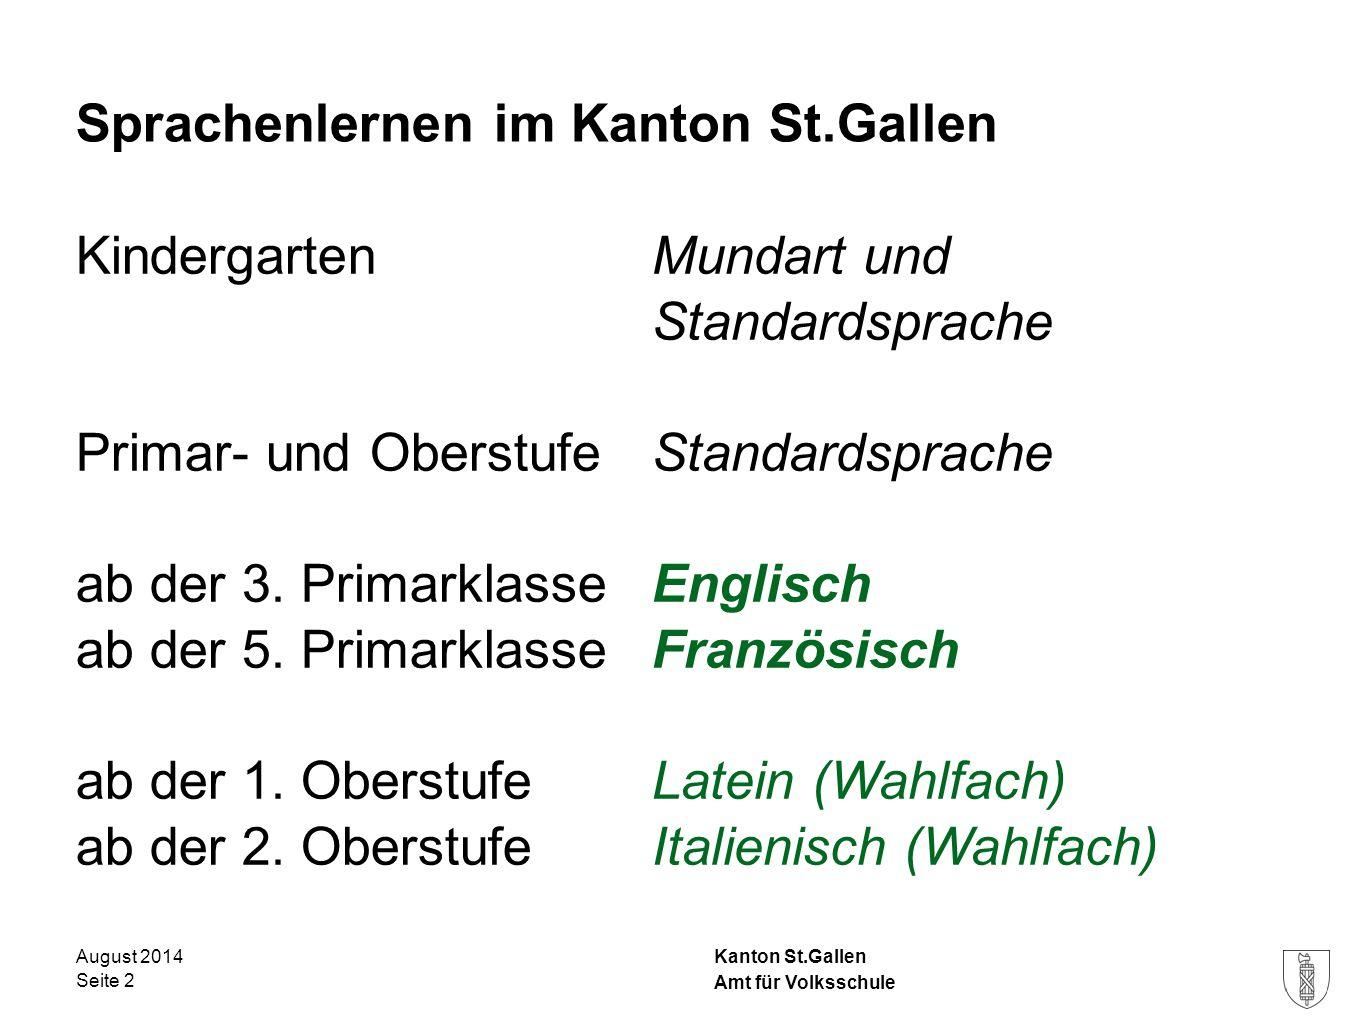 Sprachenlernen im Kanton St.Gallen